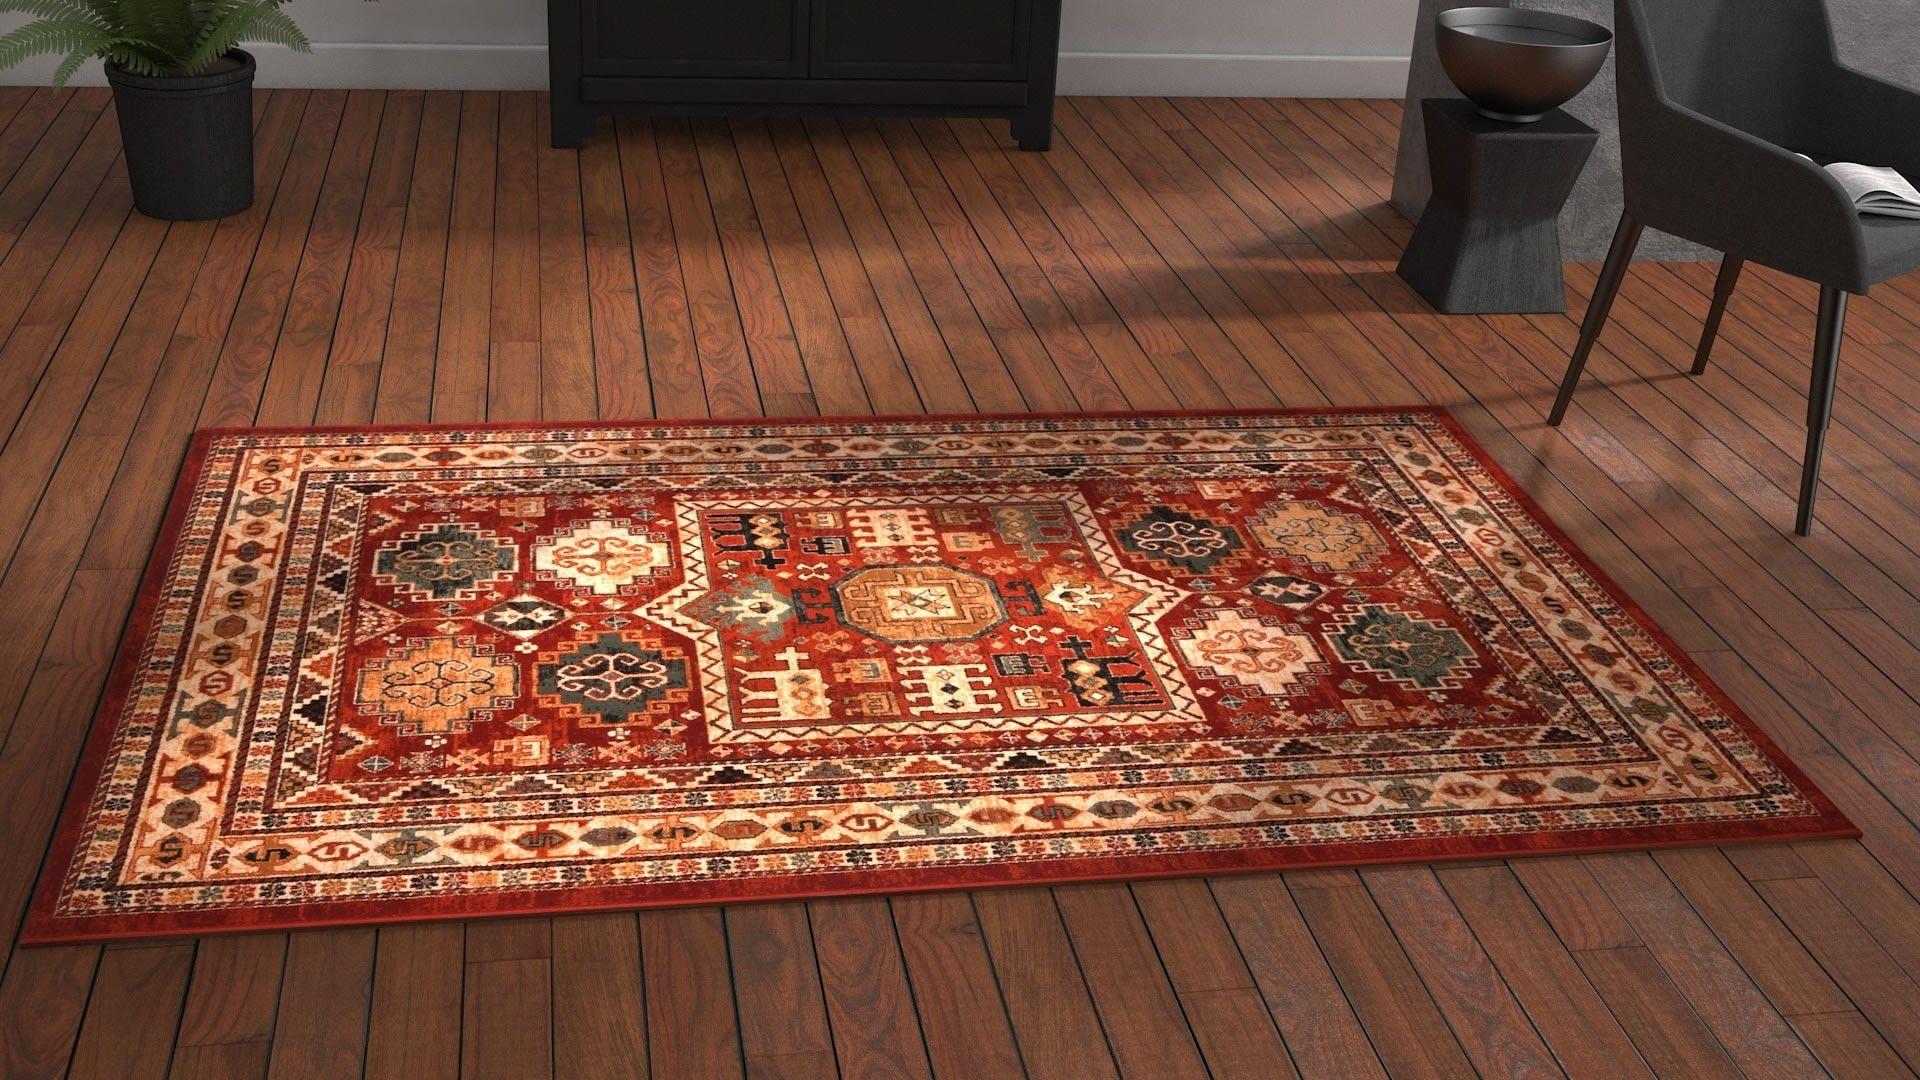 Tapis Salon Couleur Rouille tapis classique katoun (avec images) | tapis, saint maclou